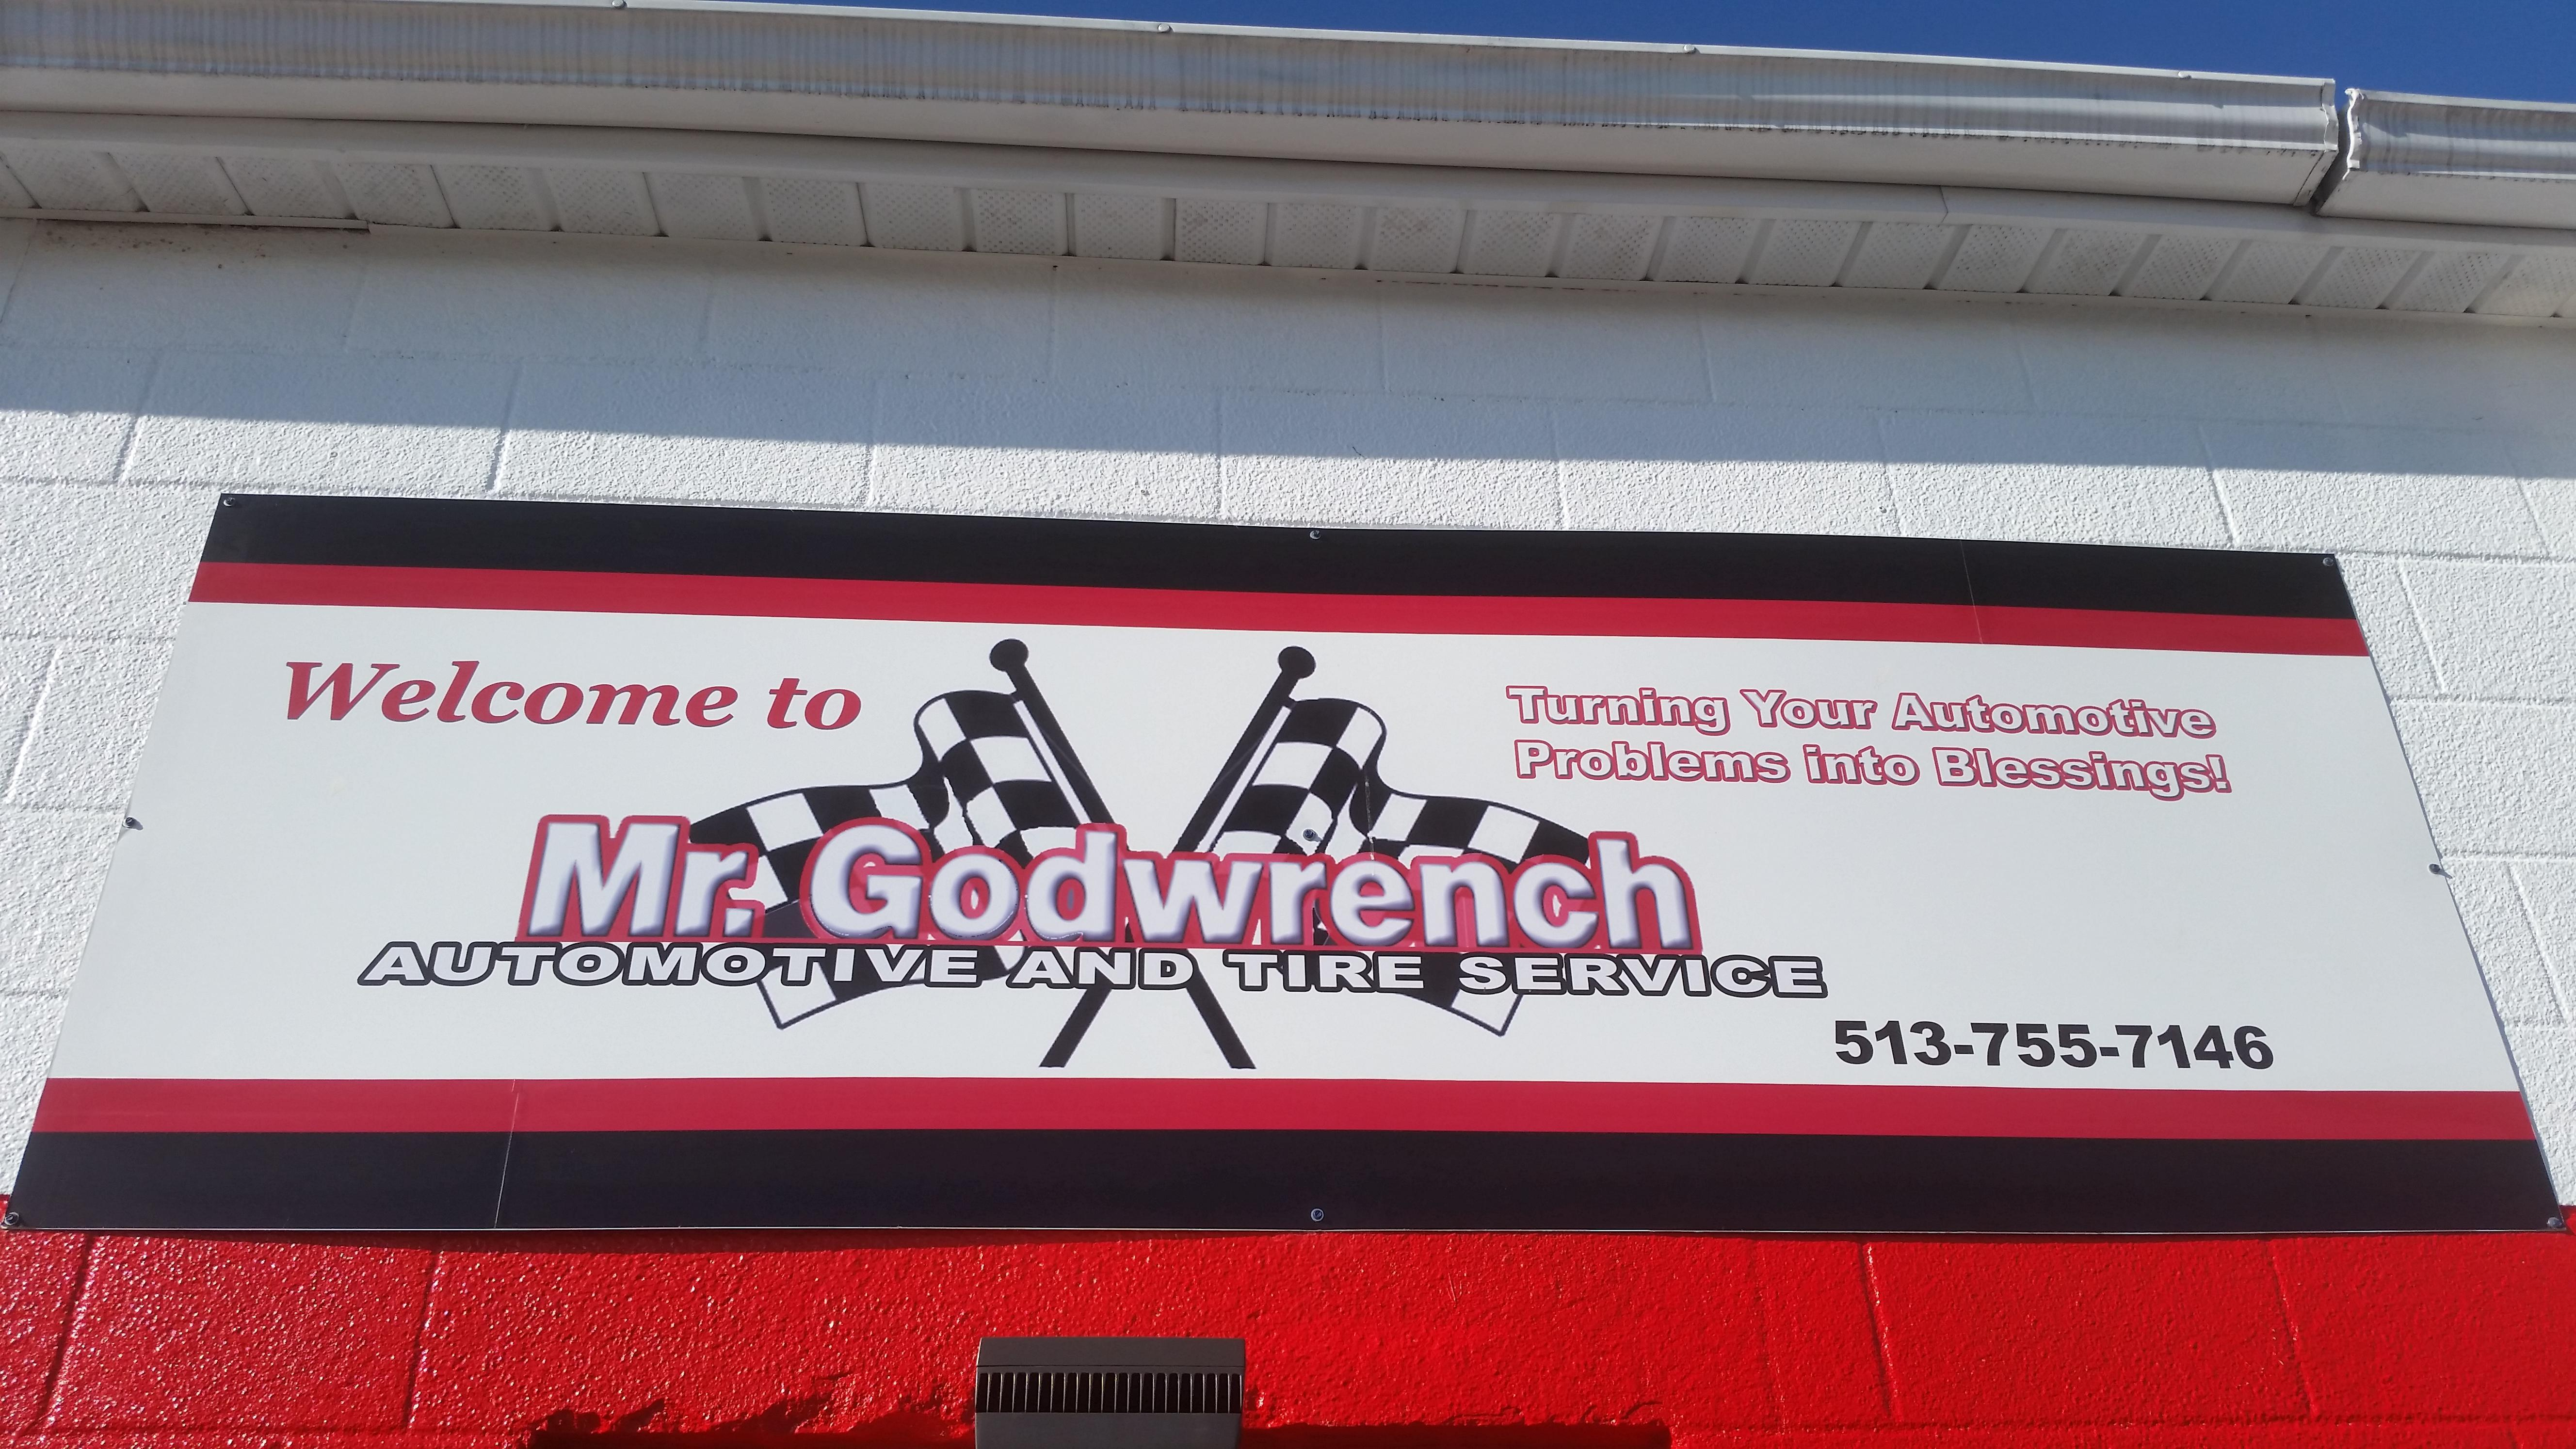 Mr. Godwrench Automotive Service